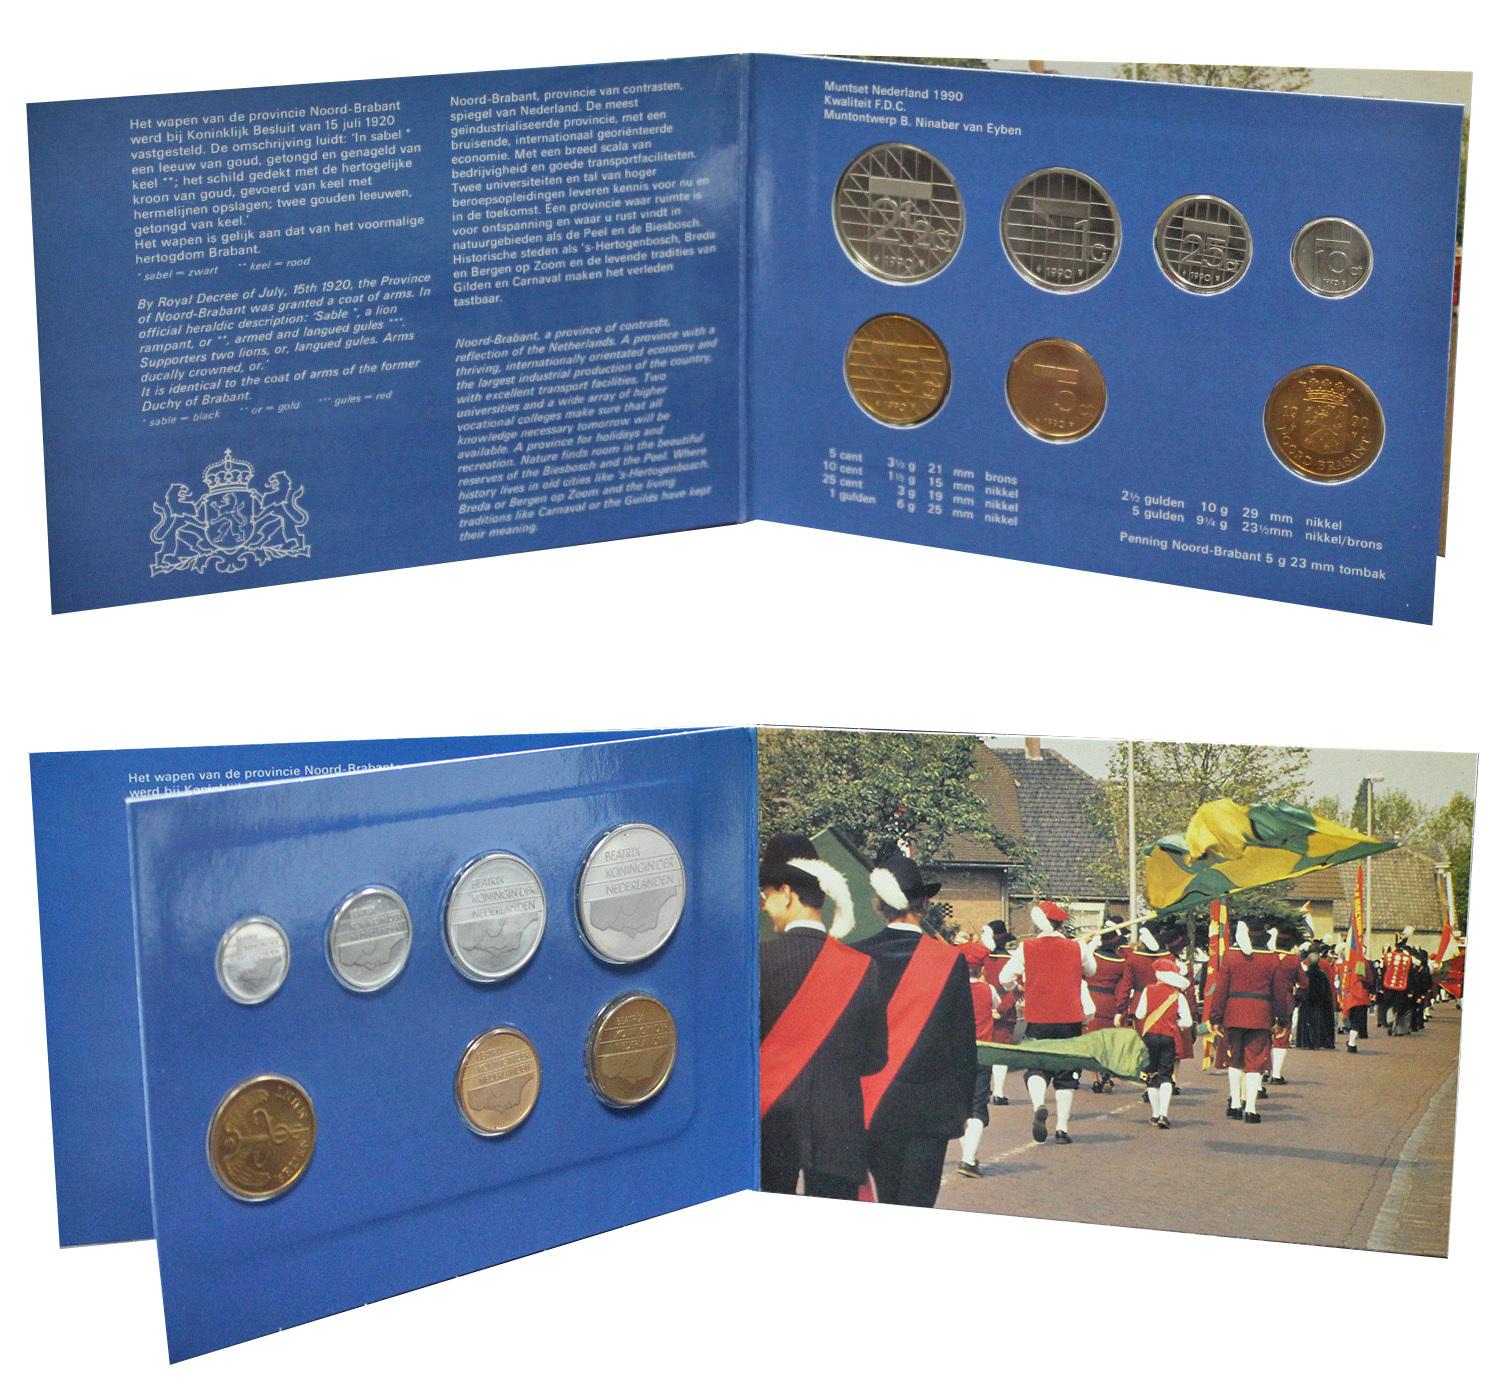 Набор монет Нидерландов 1990 UNC в оригинальной упаковке